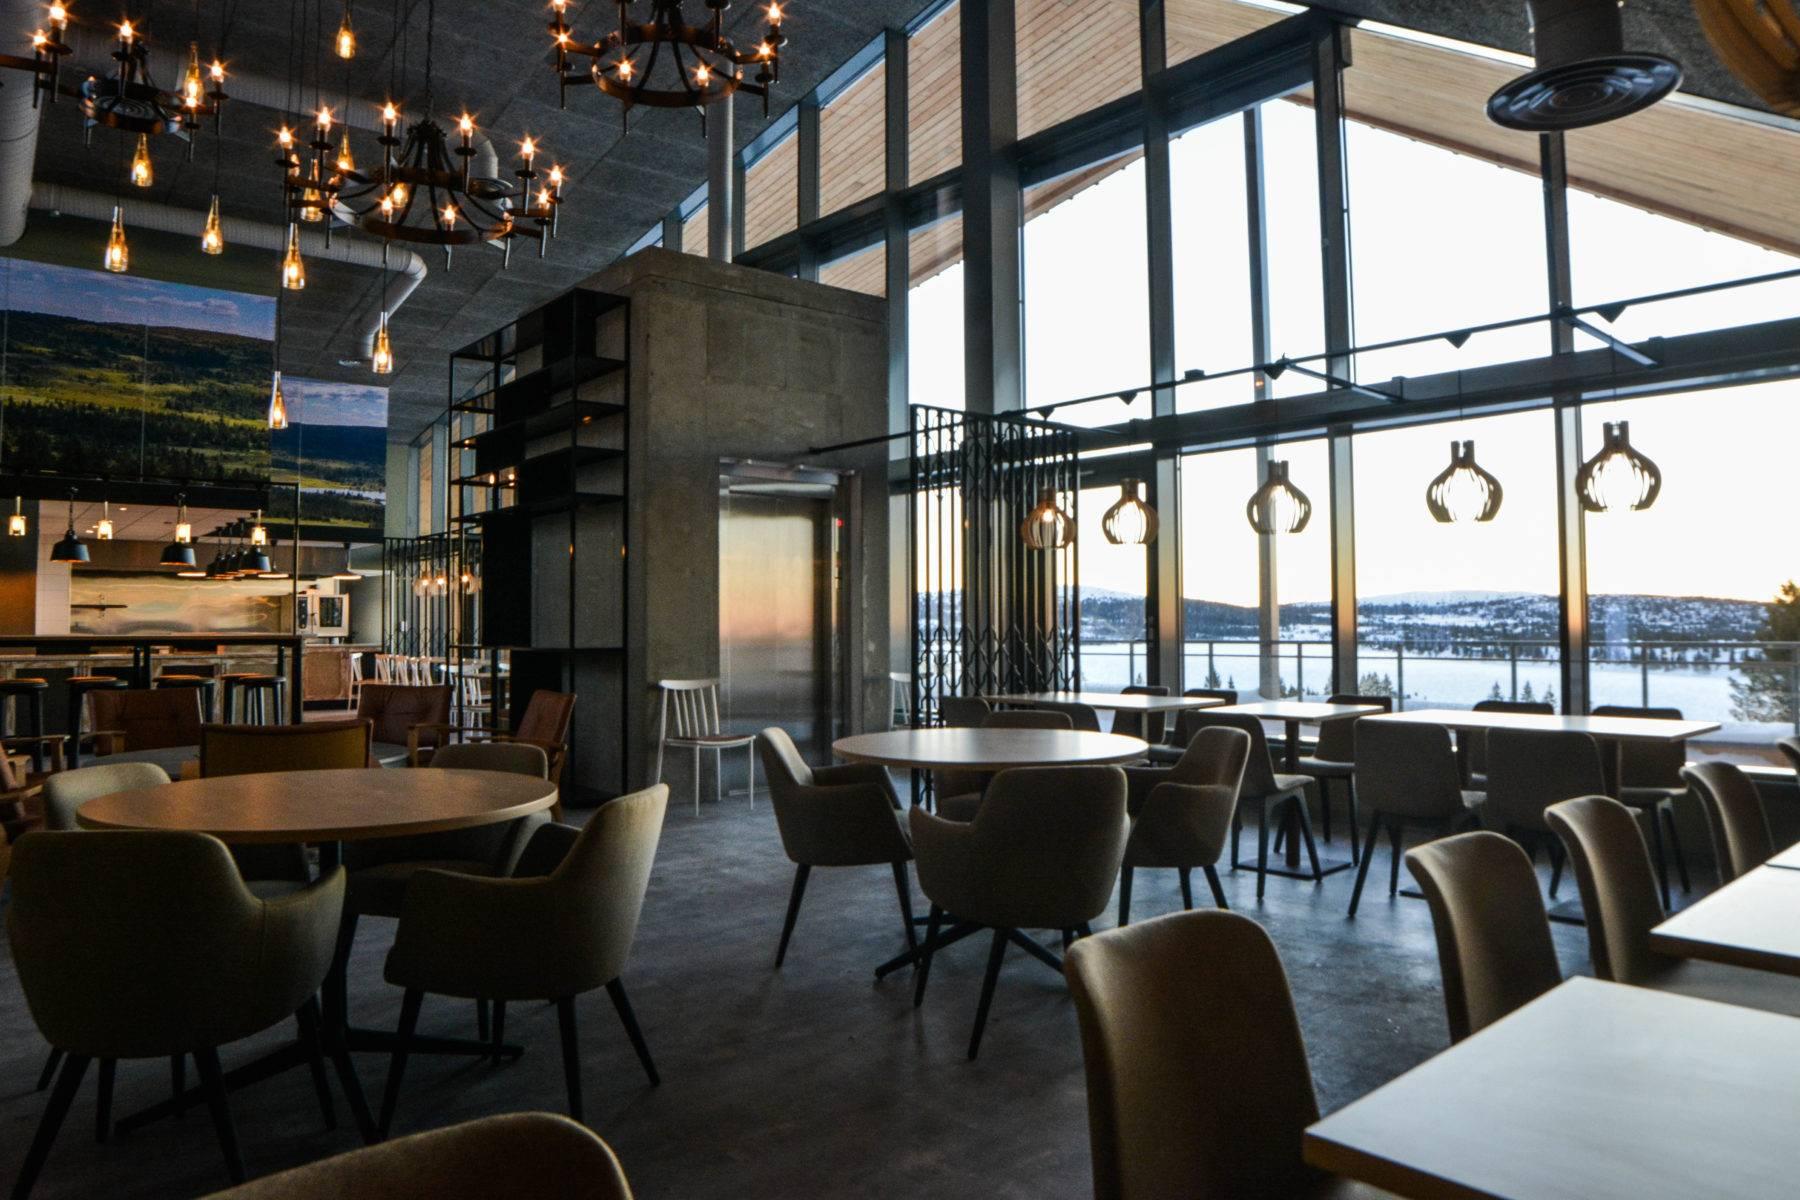 Spisested med utsikt på Nye Graaten på Sjusjøen